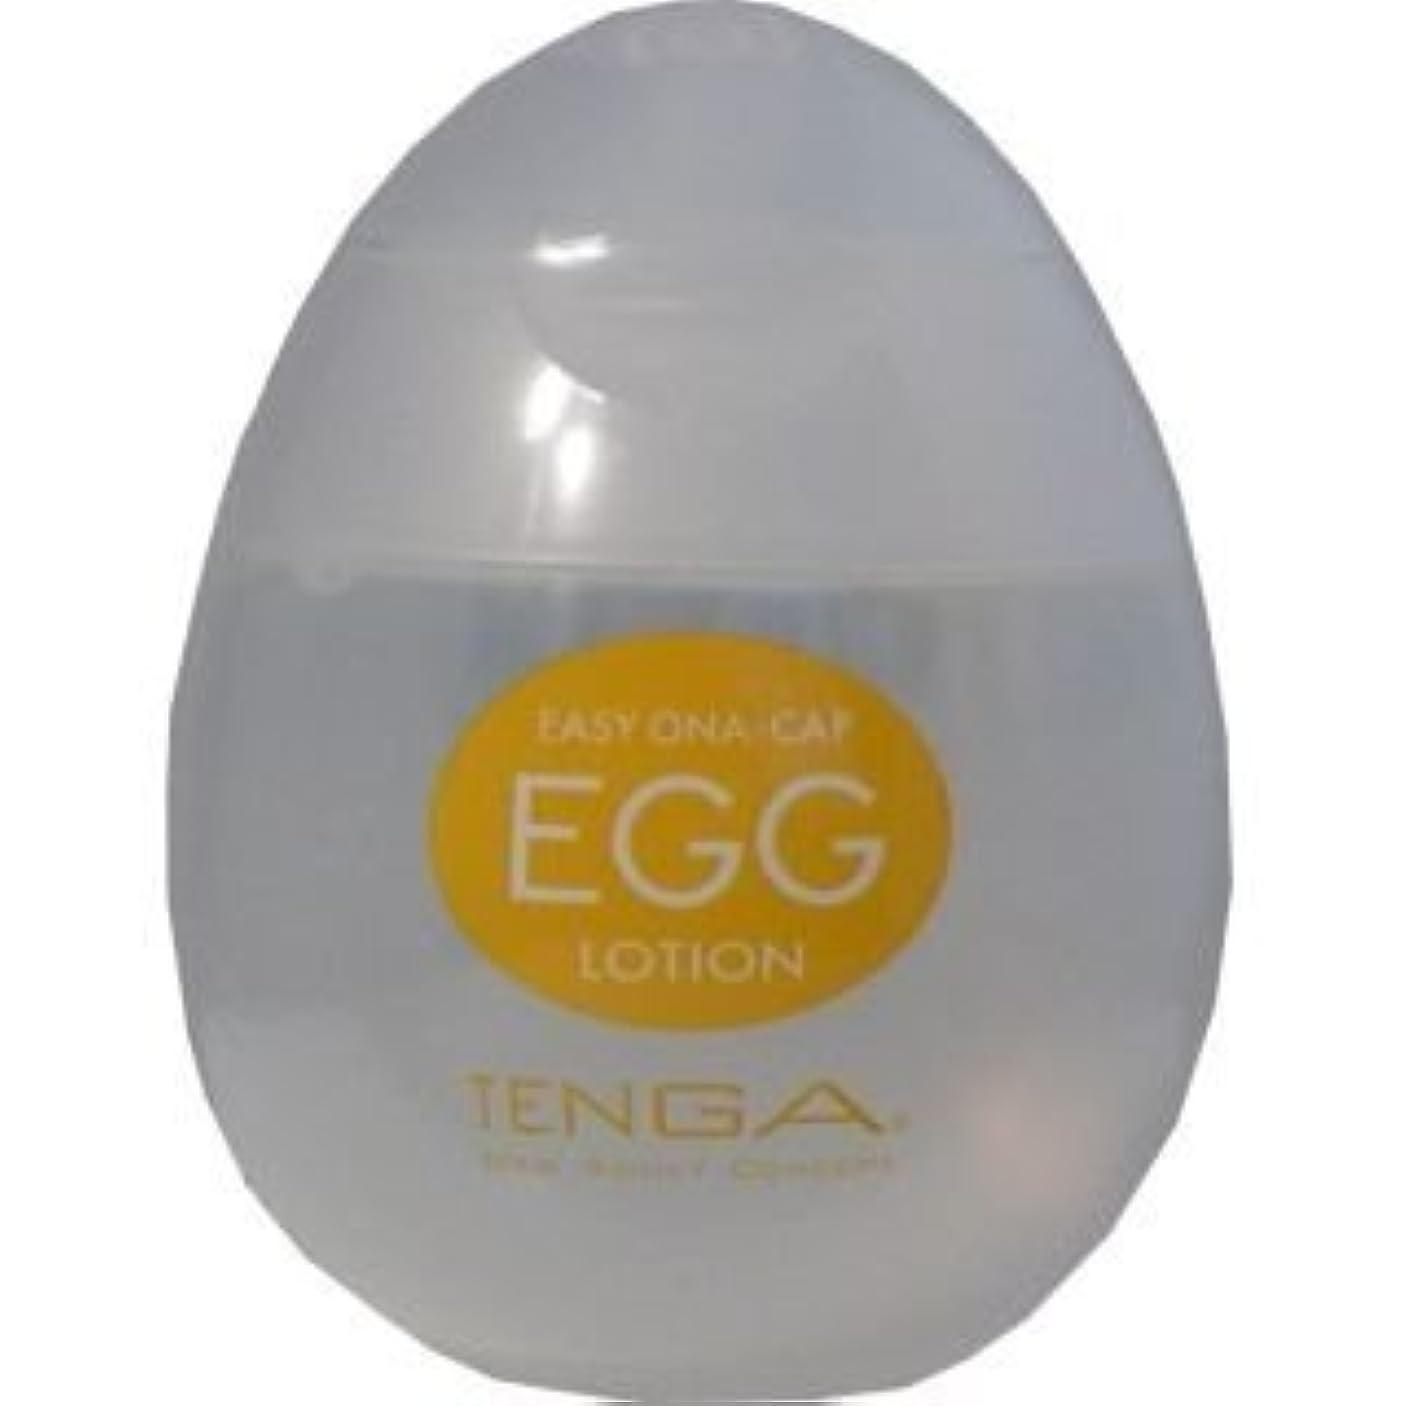 社員ライド奨励します保湿成分配合で潤い長持ち!TENGA(テンガ) EGG LOTION(エッグローション) EGGL-001【5個セット】